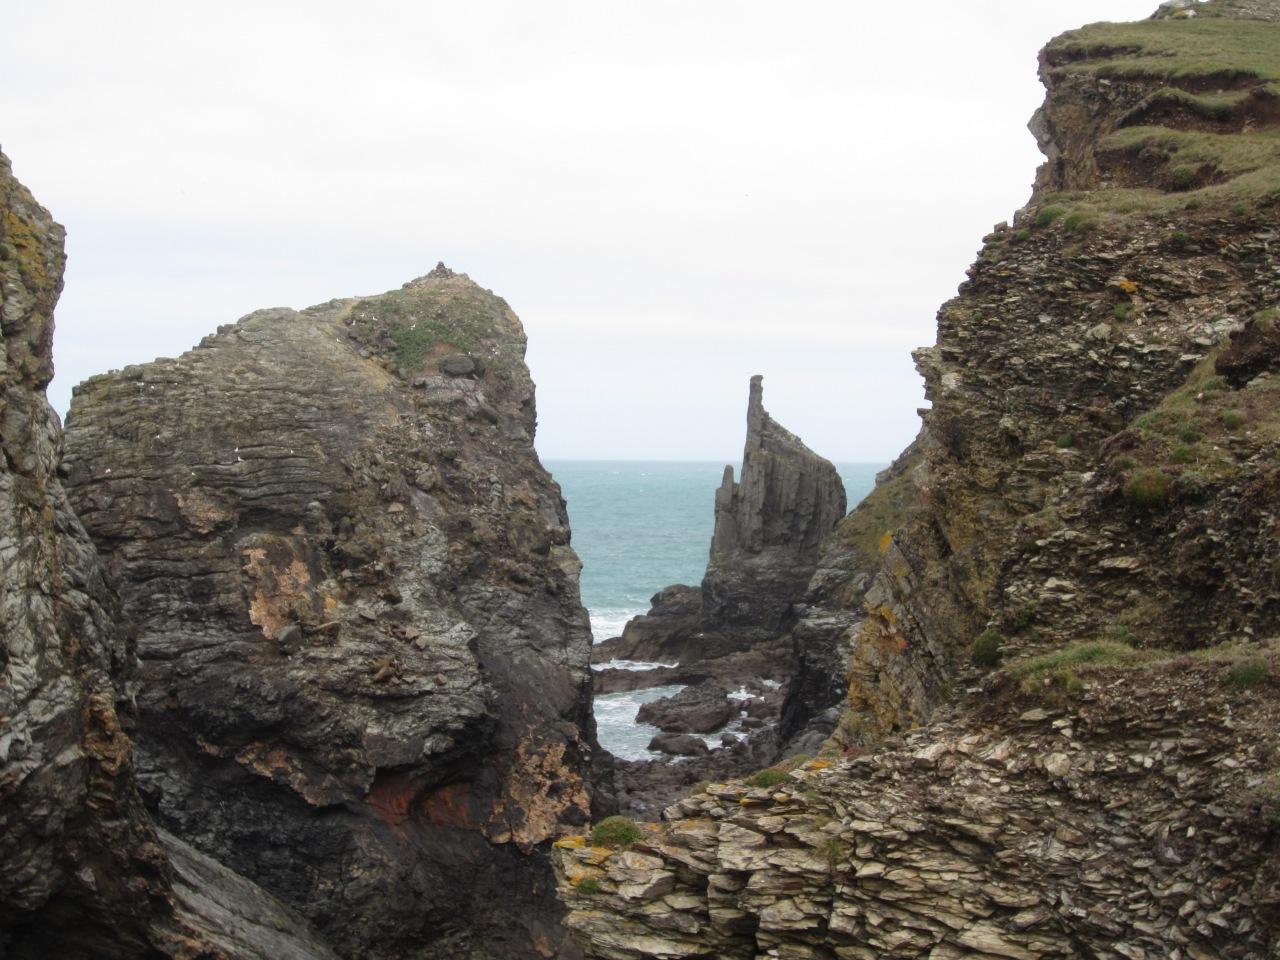 South West Coast Path walks: Trevone toPadstow